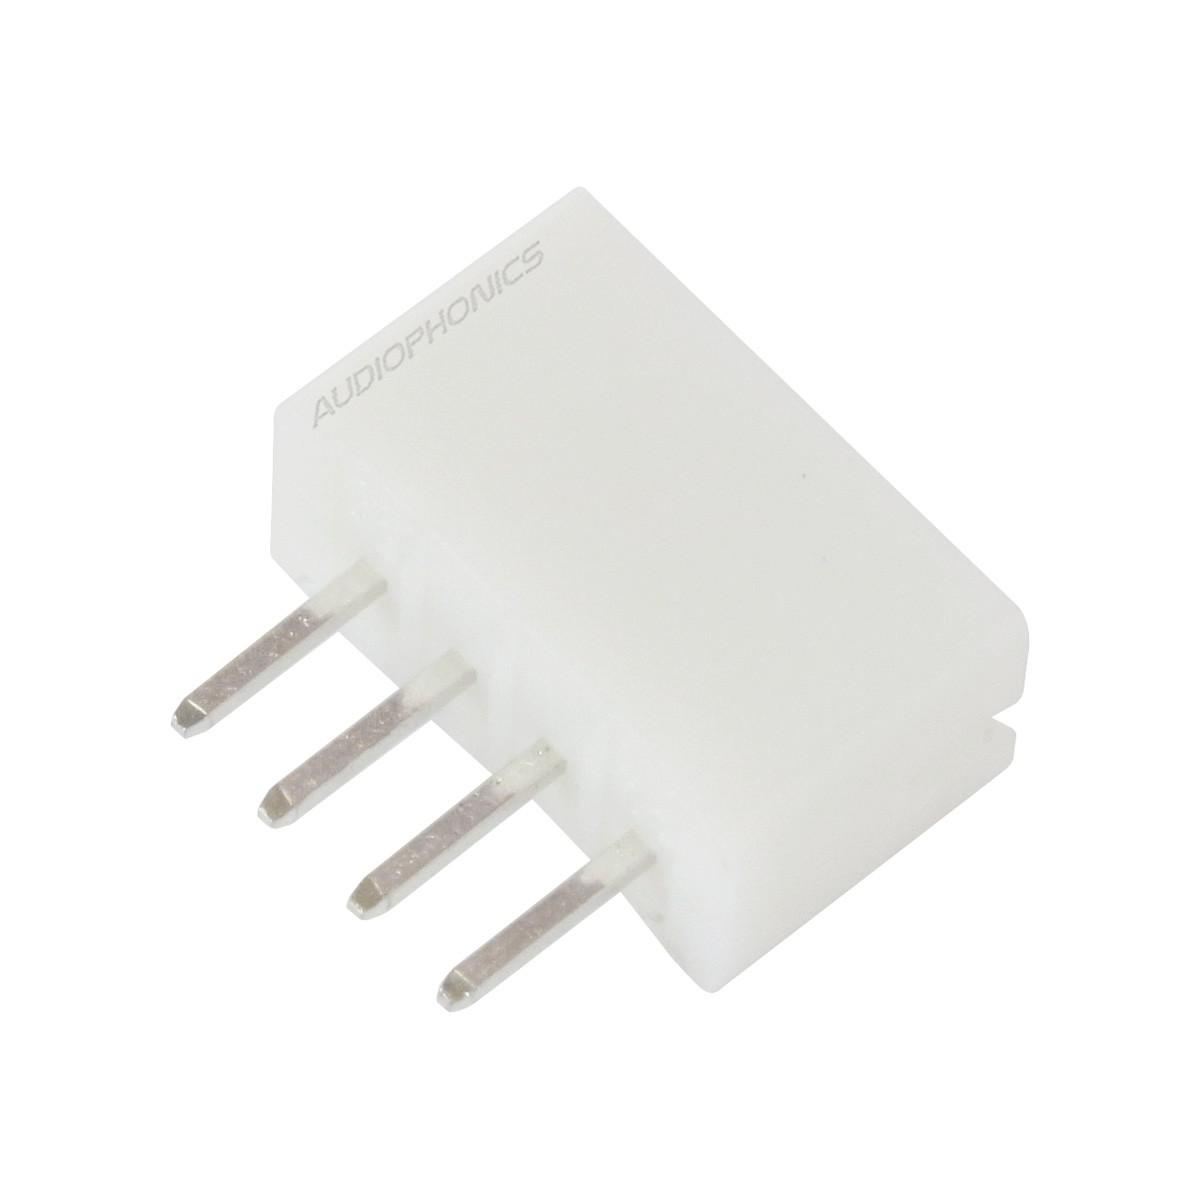 Connecteur Embase PH 2.0mm Mâle 4 Voies Blanc (Unité)